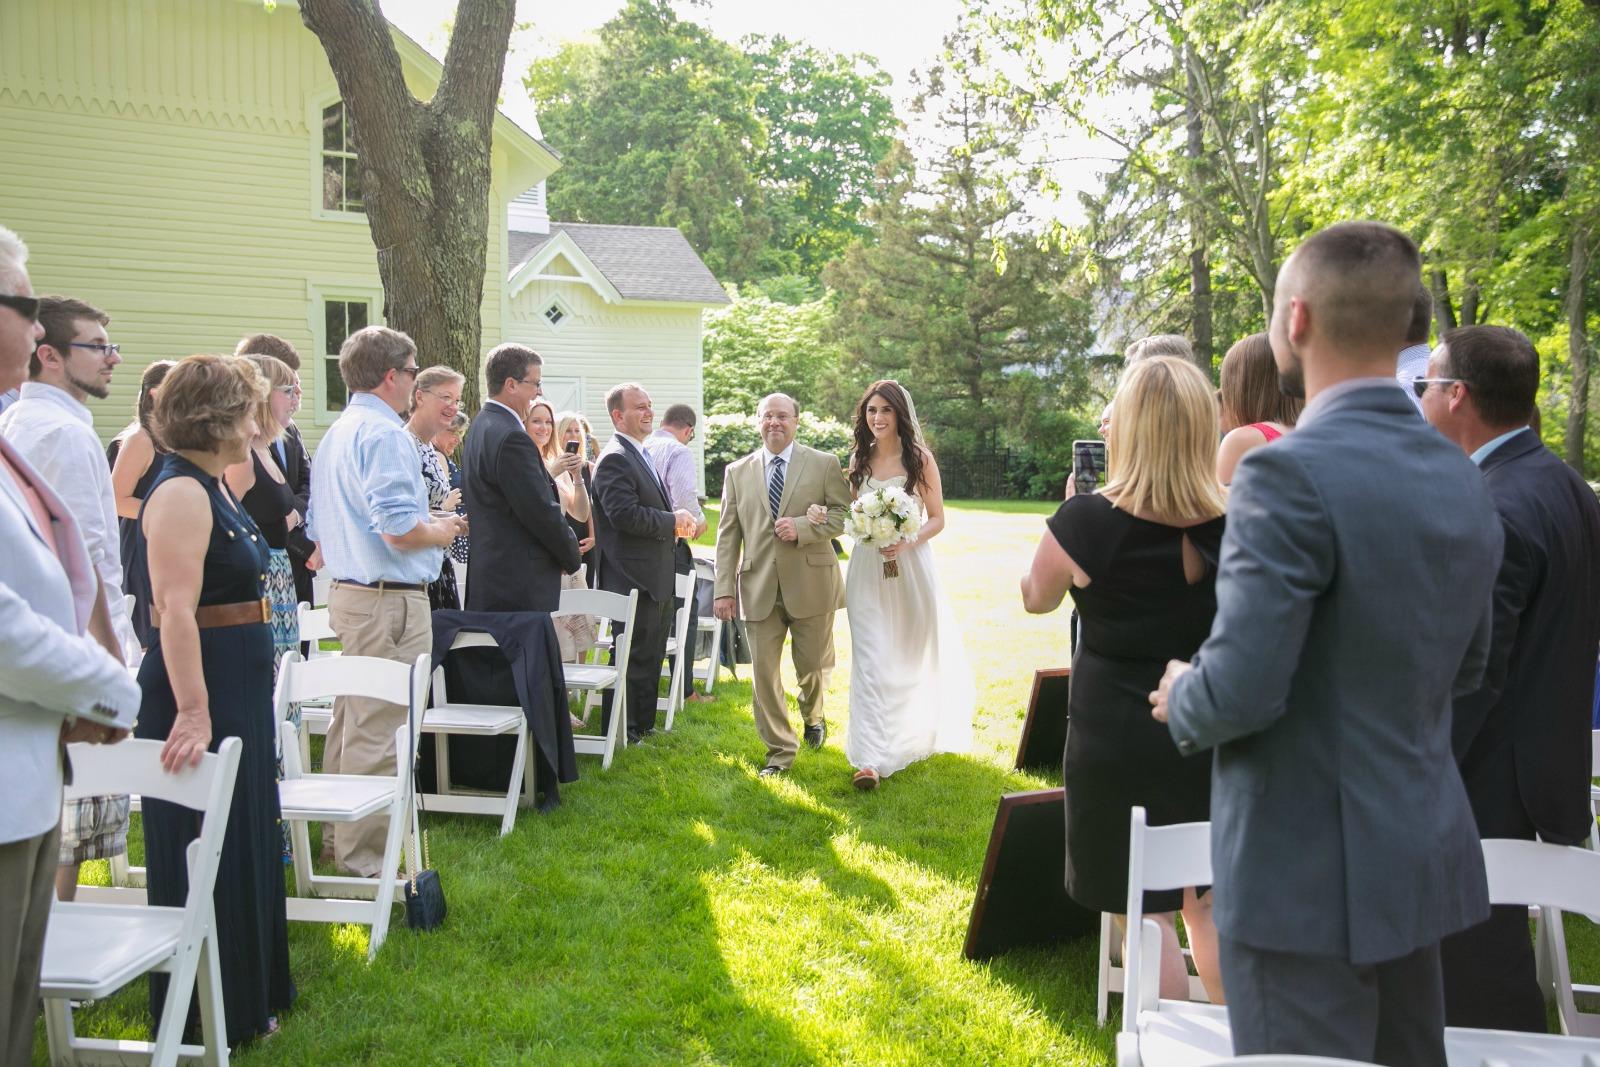 3a-ceremony-bride